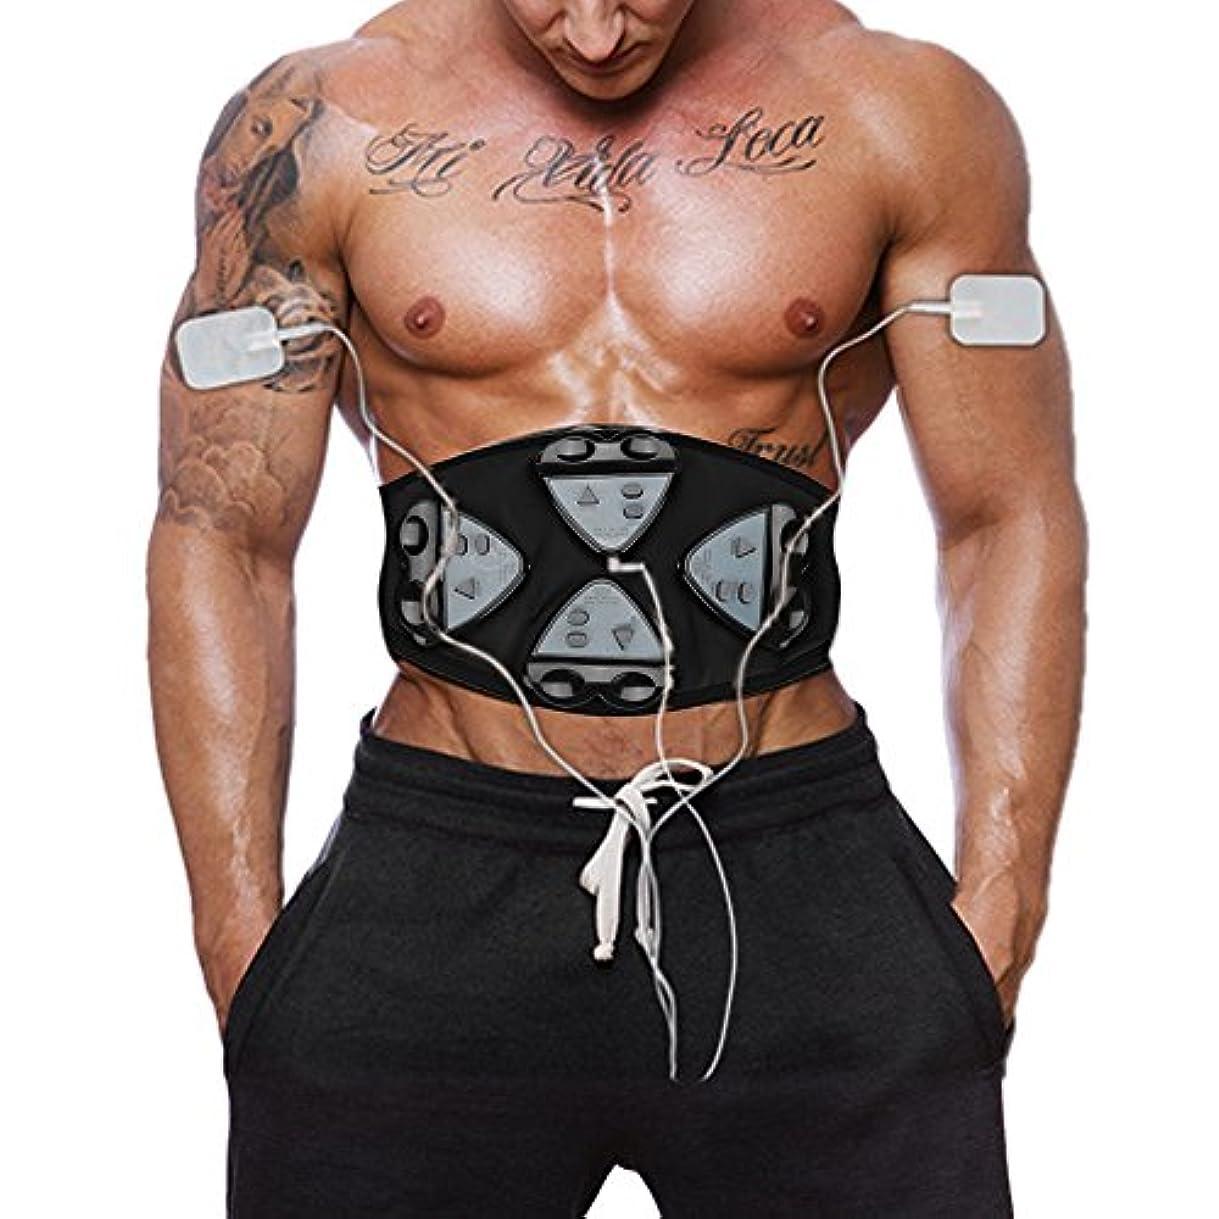 コンベンション運河主張腹筋ベルトEMS腹筋刺激筋力トレーニング筋力トレーニング腹部トレーニング4コントローラベルト